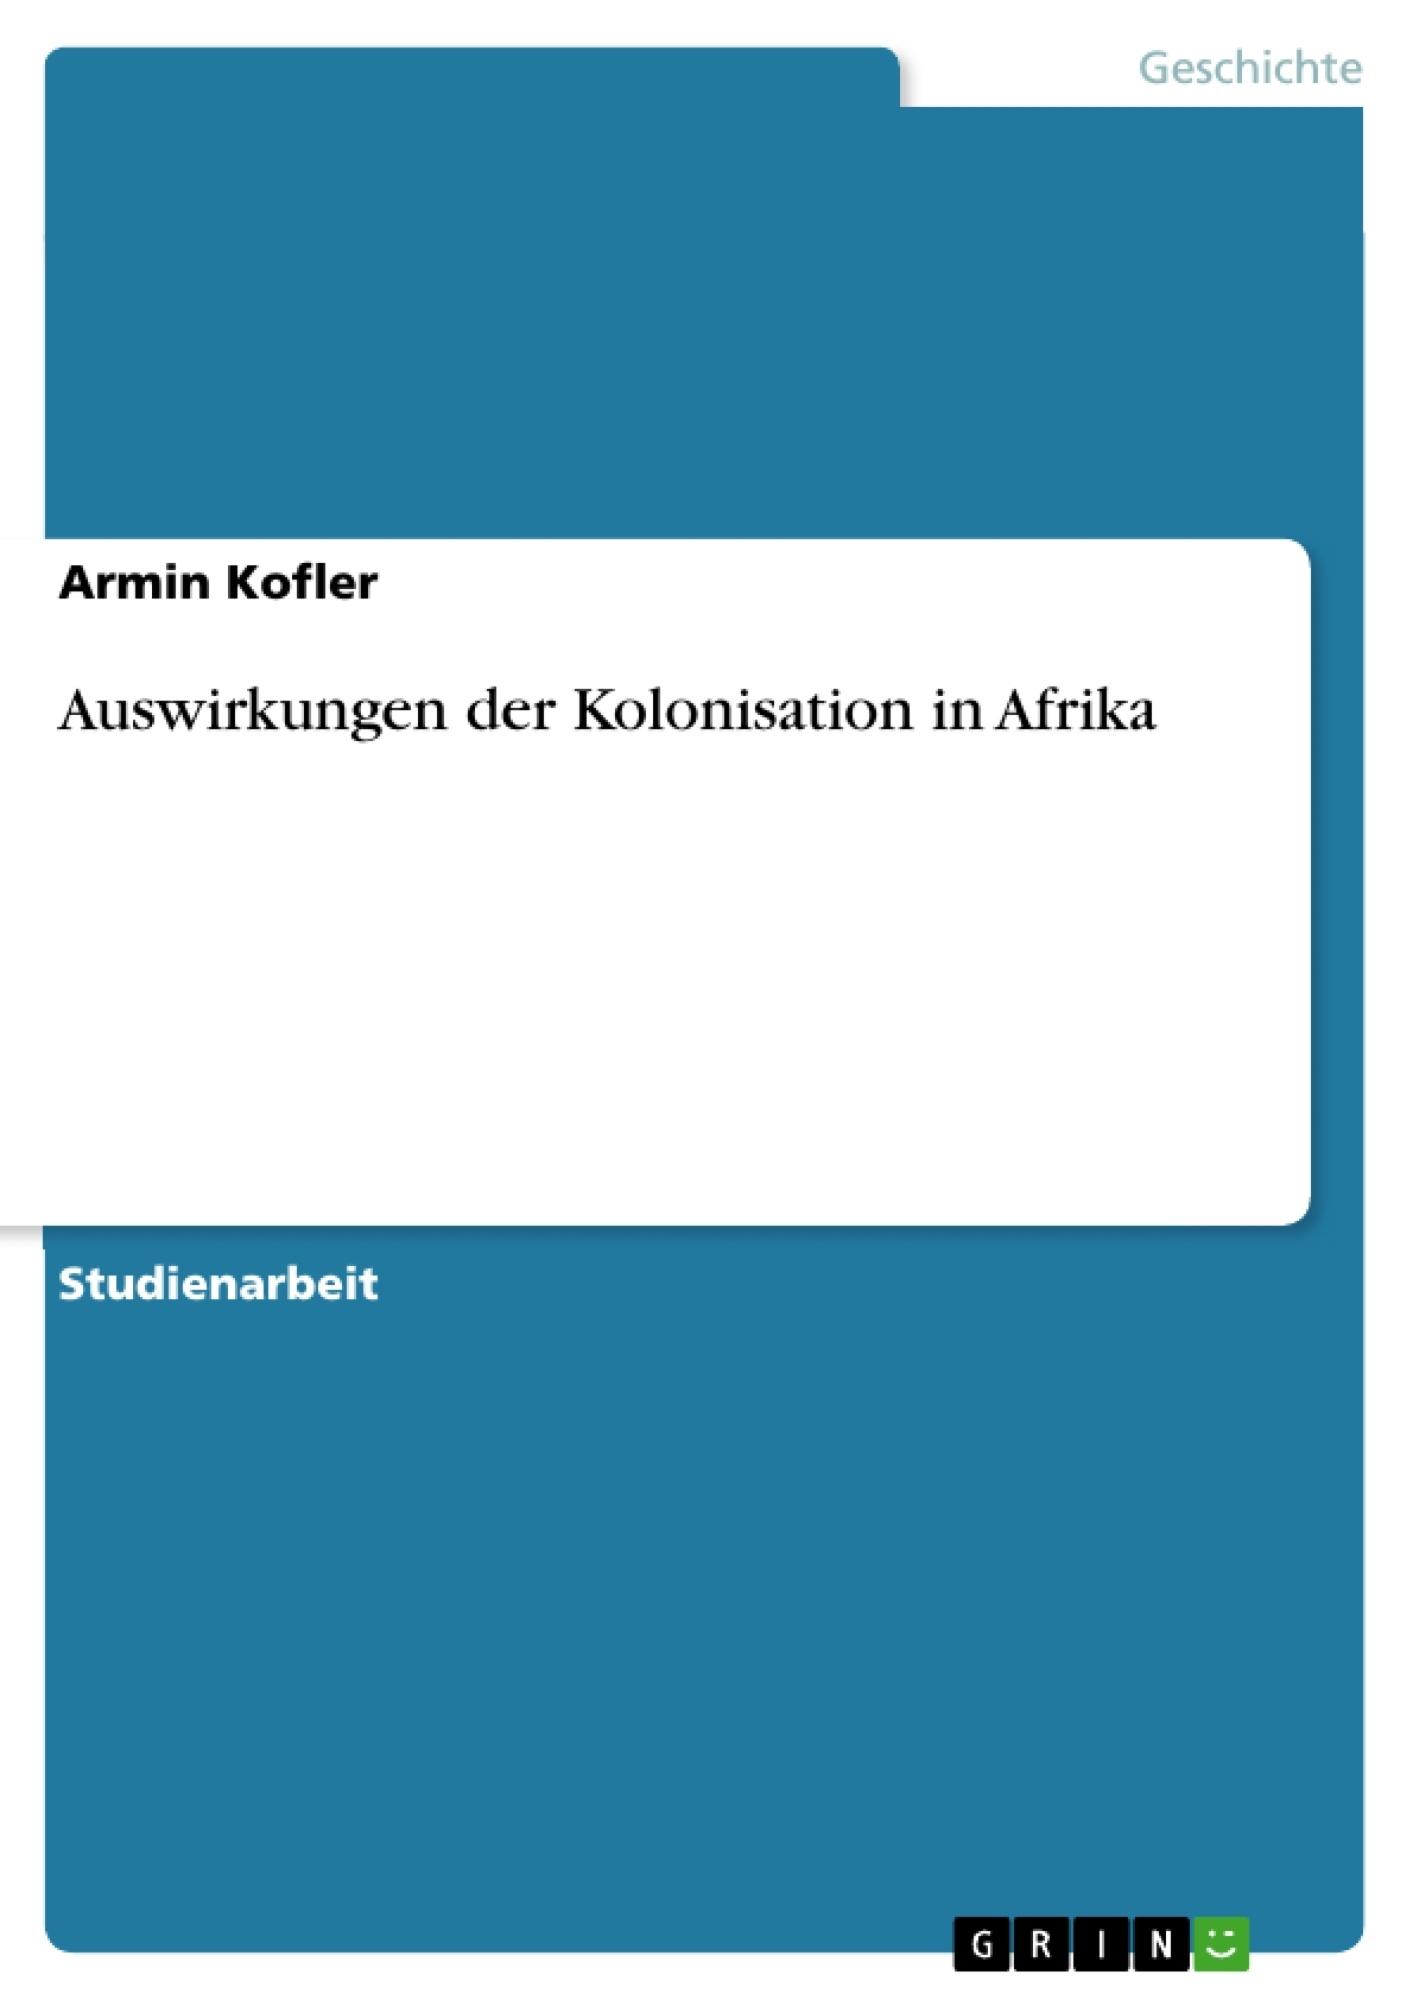 Titel: Auswirkungen der Kolonisation in Afrika